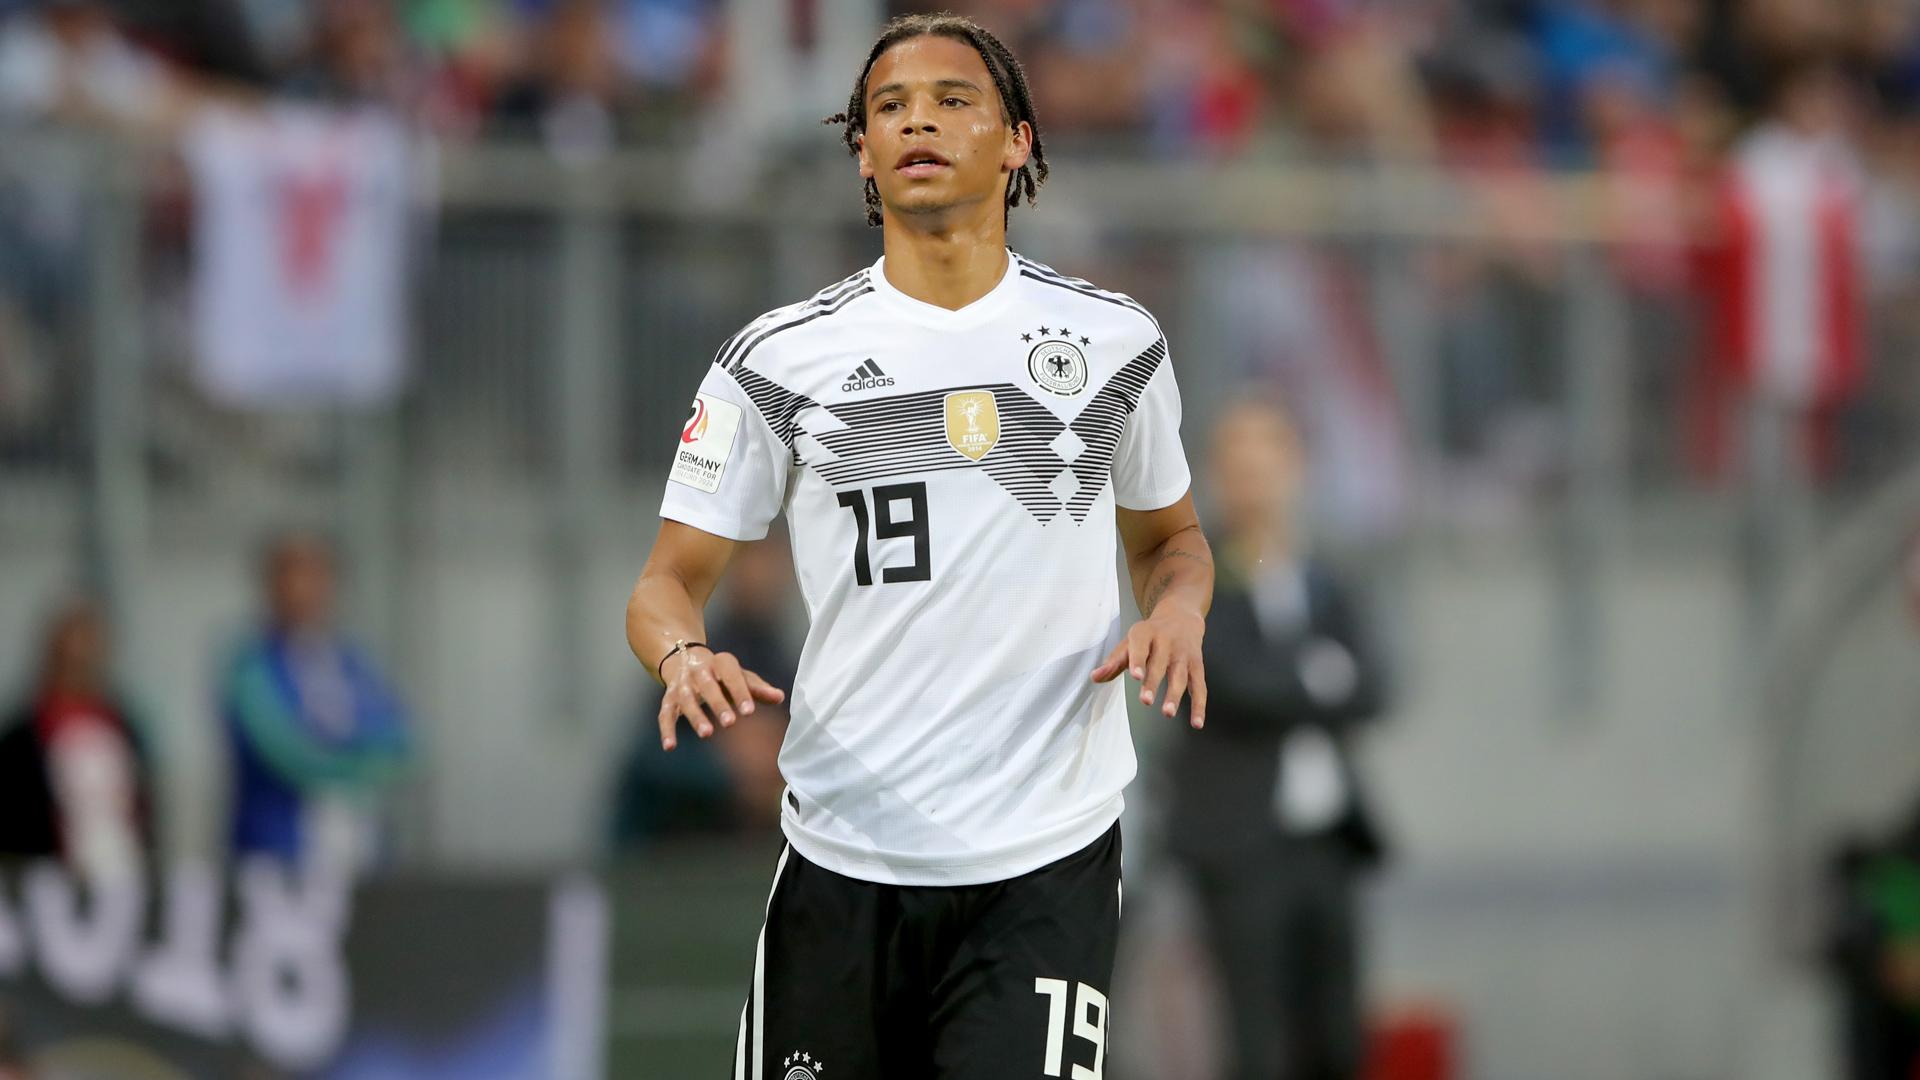 ساني منتخب ألمانيا كأس العالم